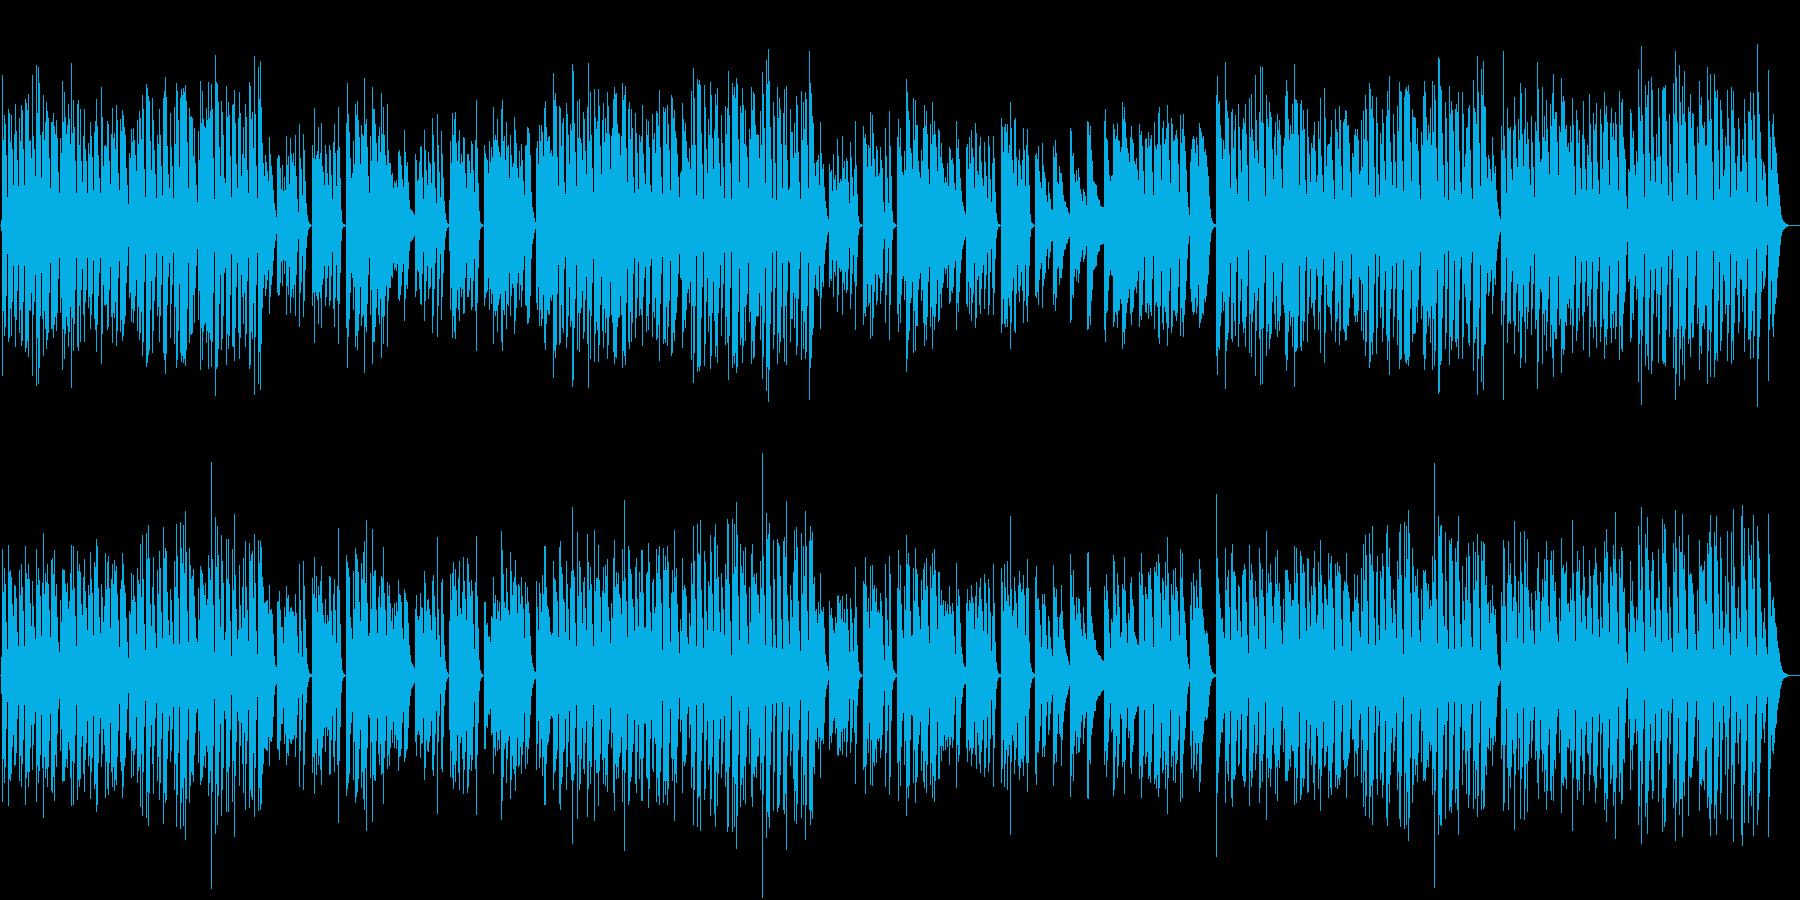 ラテンリズムの軽やかで可愛いピアノBGMの再生済みの波形